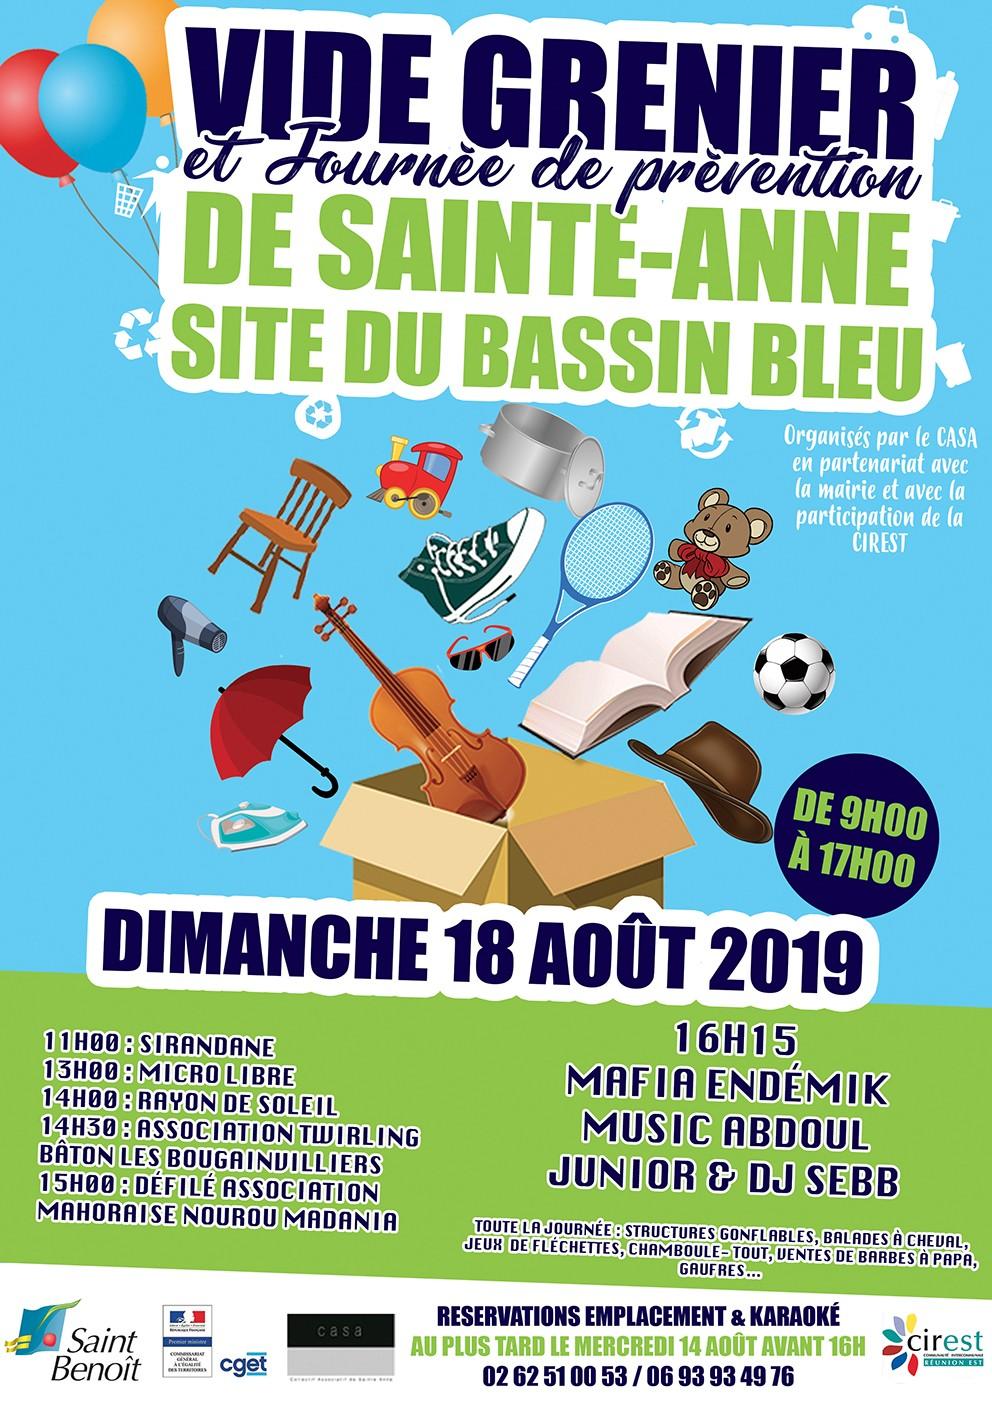 Vide grenier de Sainte-Anne et Journée de prévention